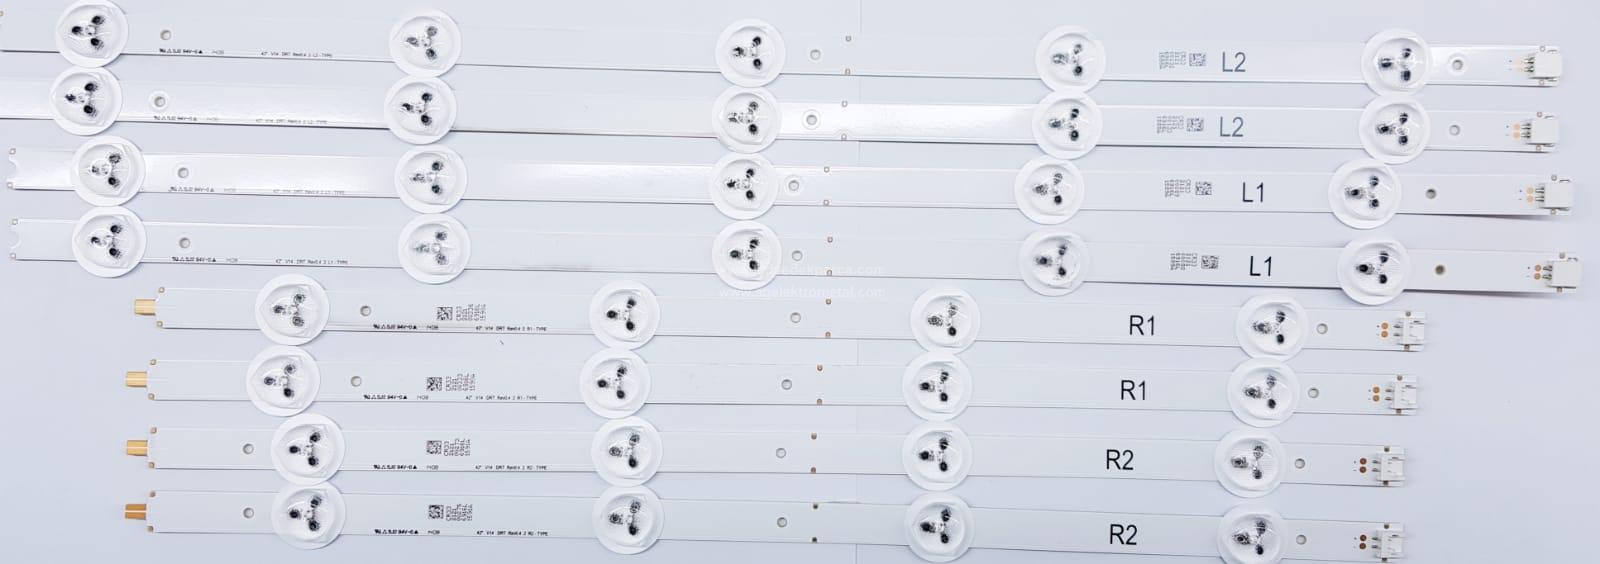 42 V14 DRT REV0.4 2 R2-TYPE , 42 V14 DRT REV0.4 R1-TYPE , 42PFK6309 , LC420DUN PG A1 , 8 ADET LED ÇUBUK